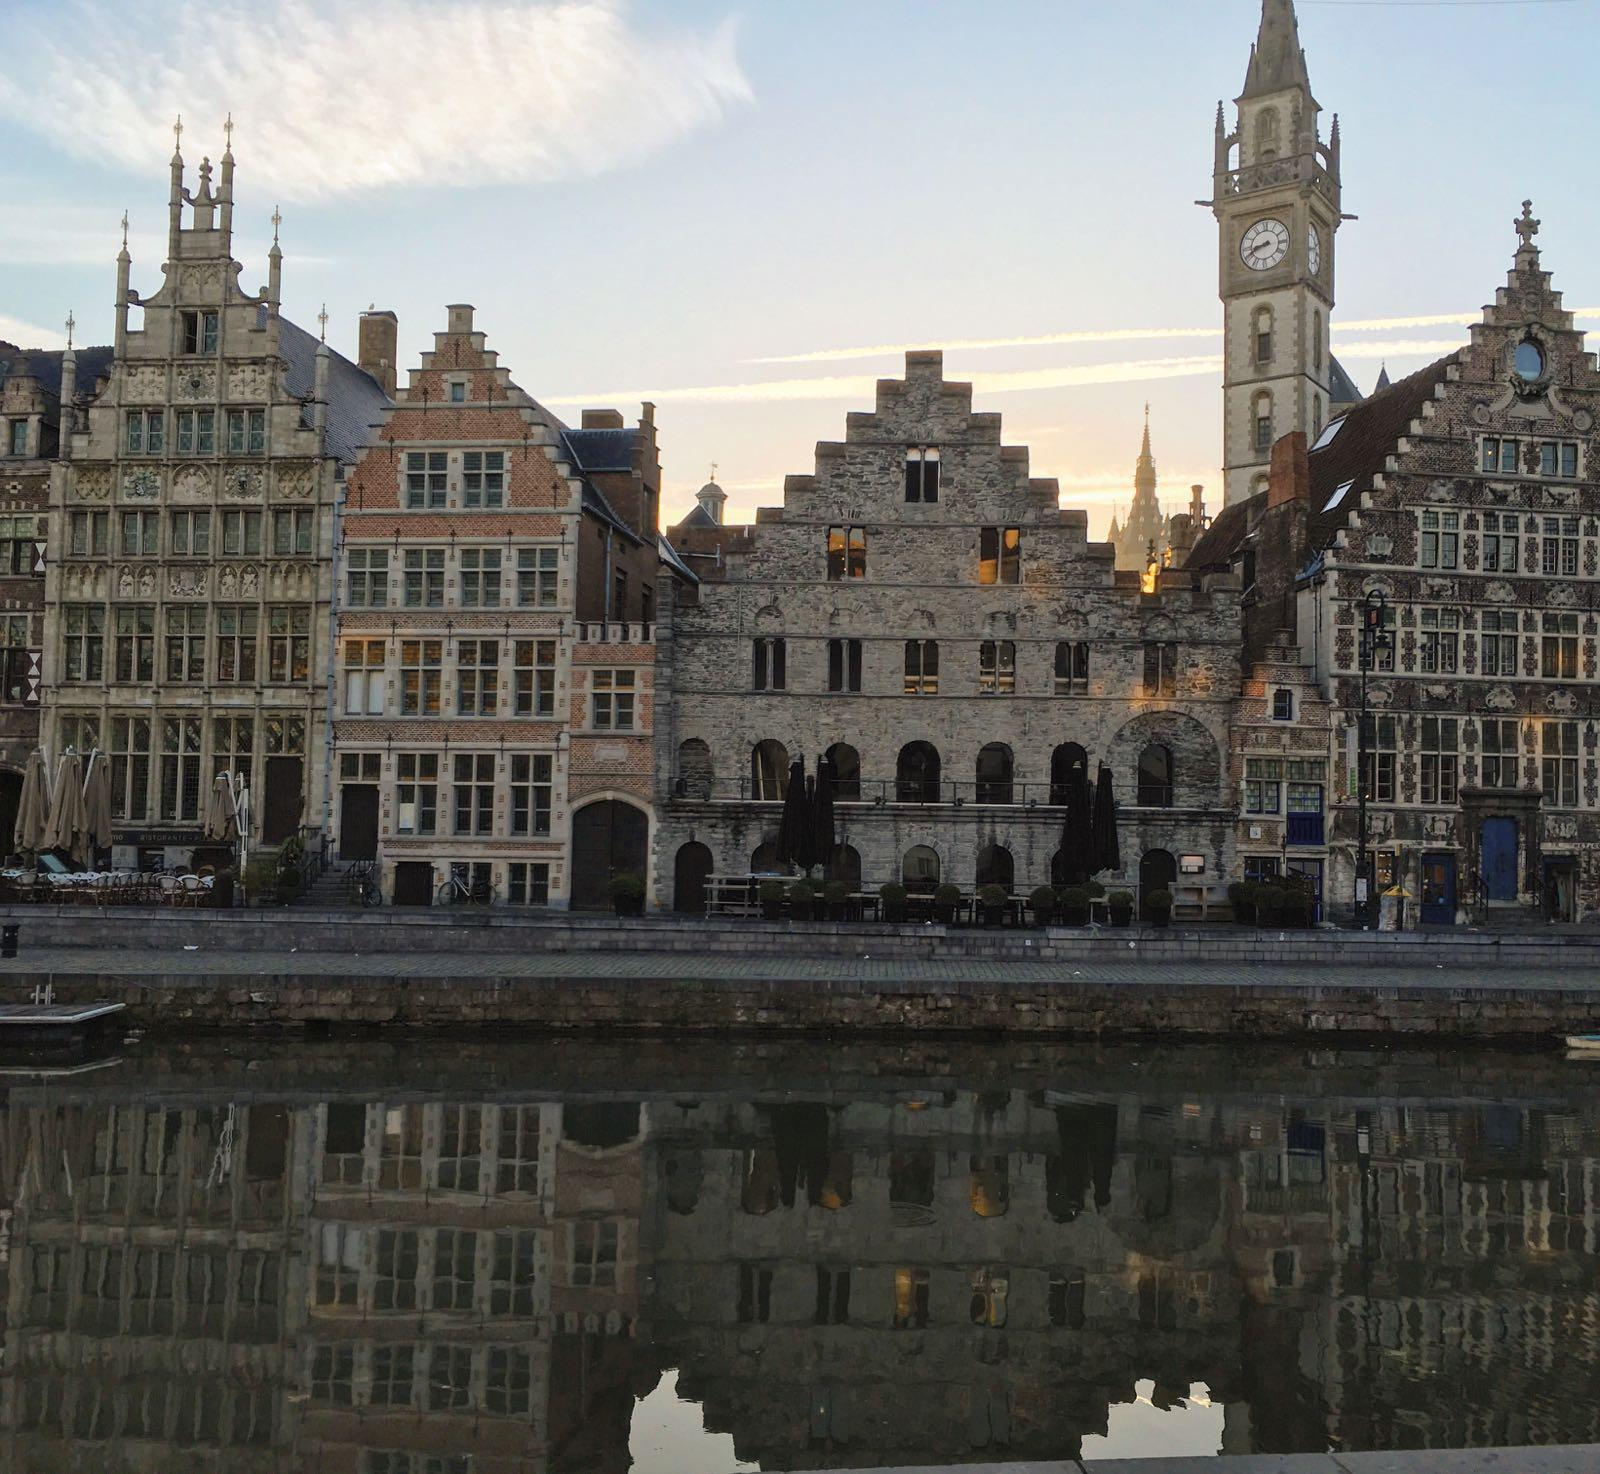 Le Chameau Bleu - Escapade à Gand en Belgique - Les canaux de Gand